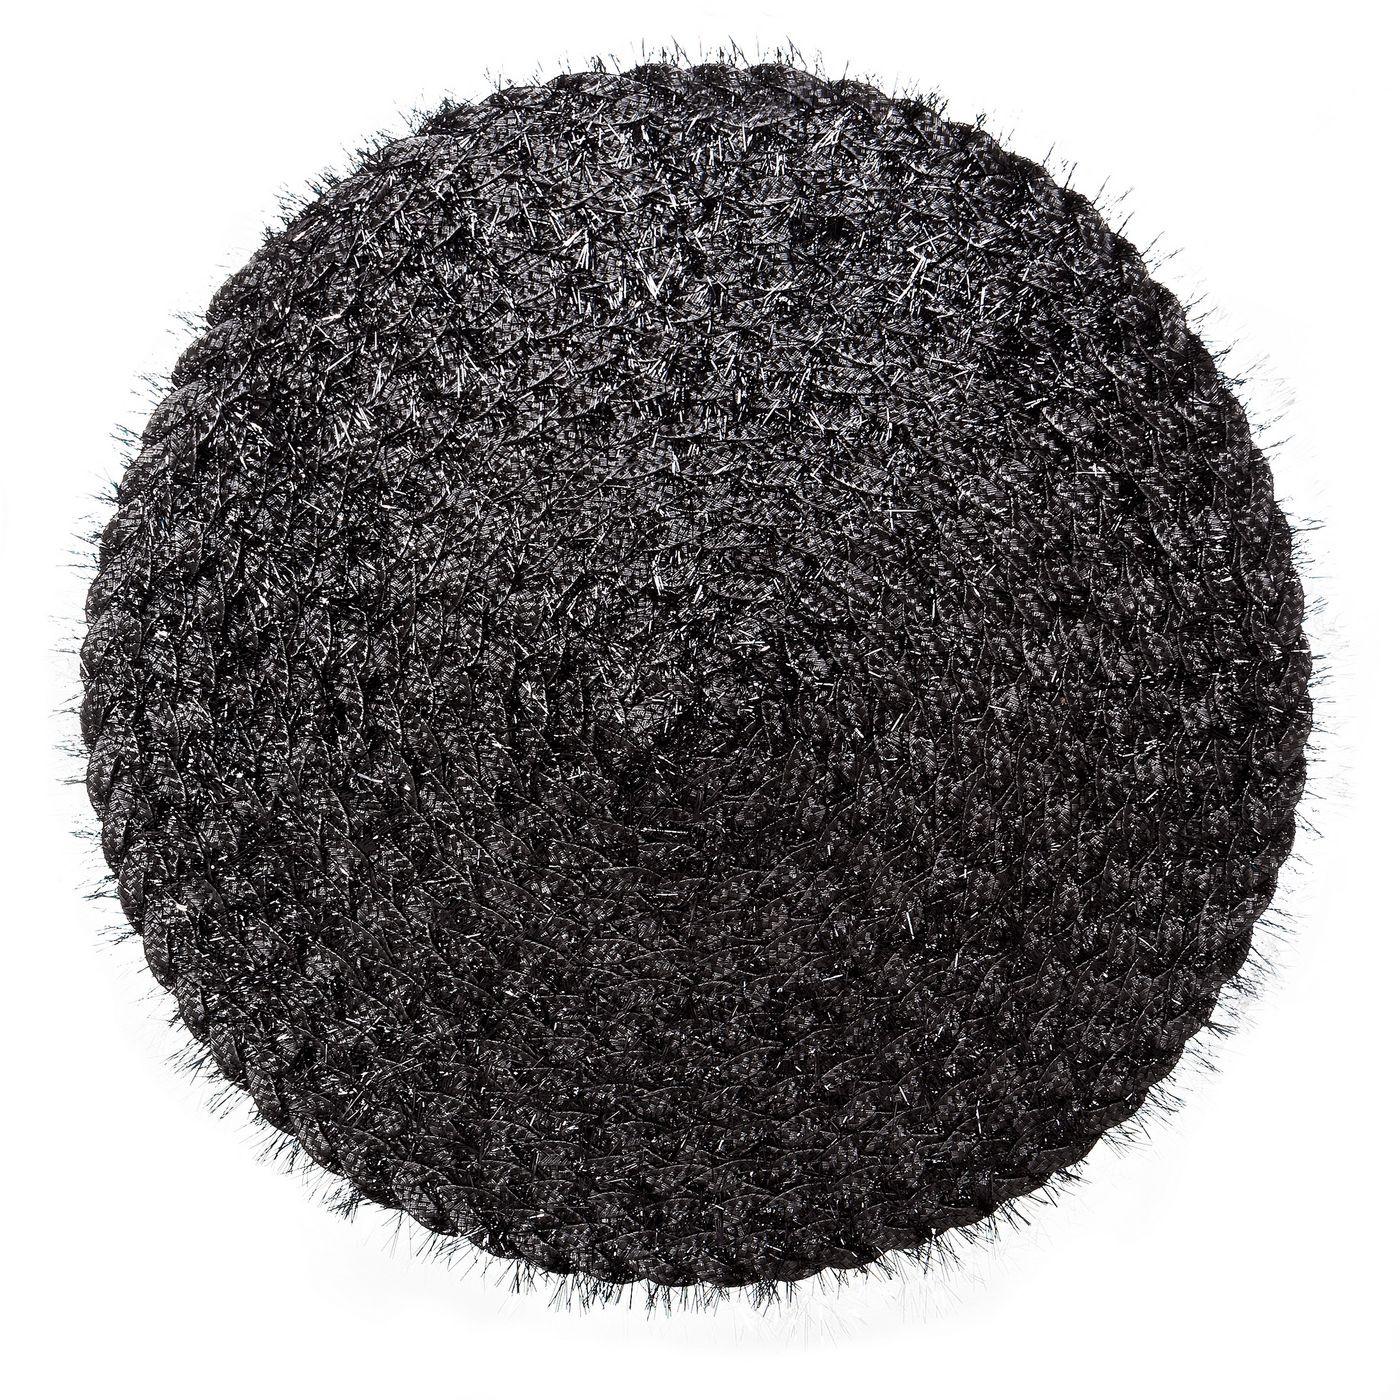 Włochata podkładka stołowa czarna okrągła średnica 38 cm